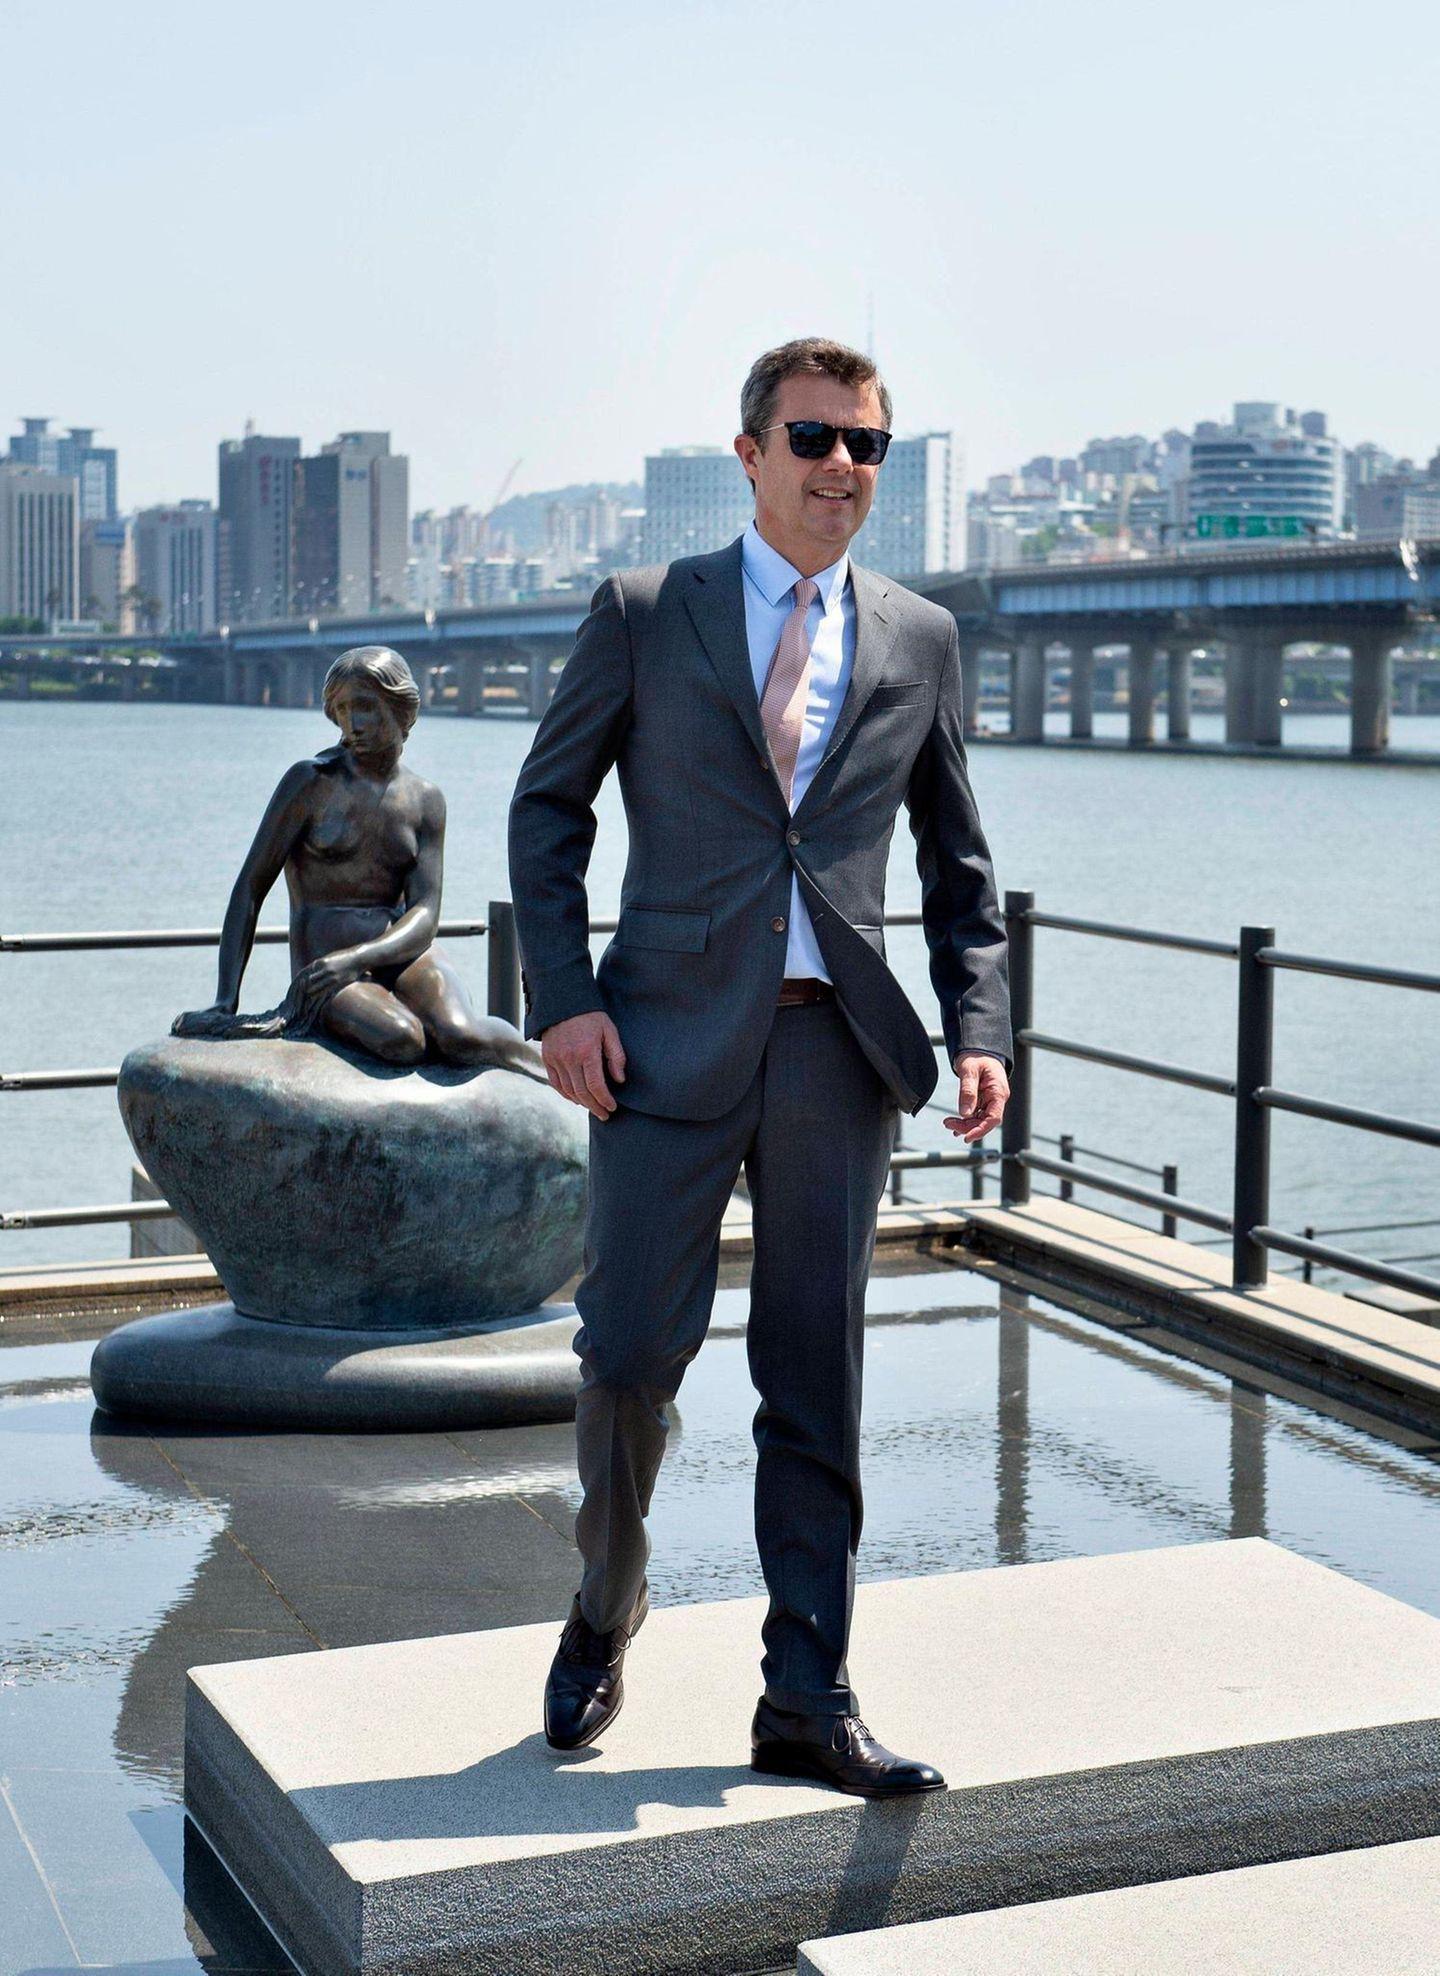 """Prinz Frederik besucht derweil die Statue """"Die Kleine Meerjungfrau"""" in Seoul."""